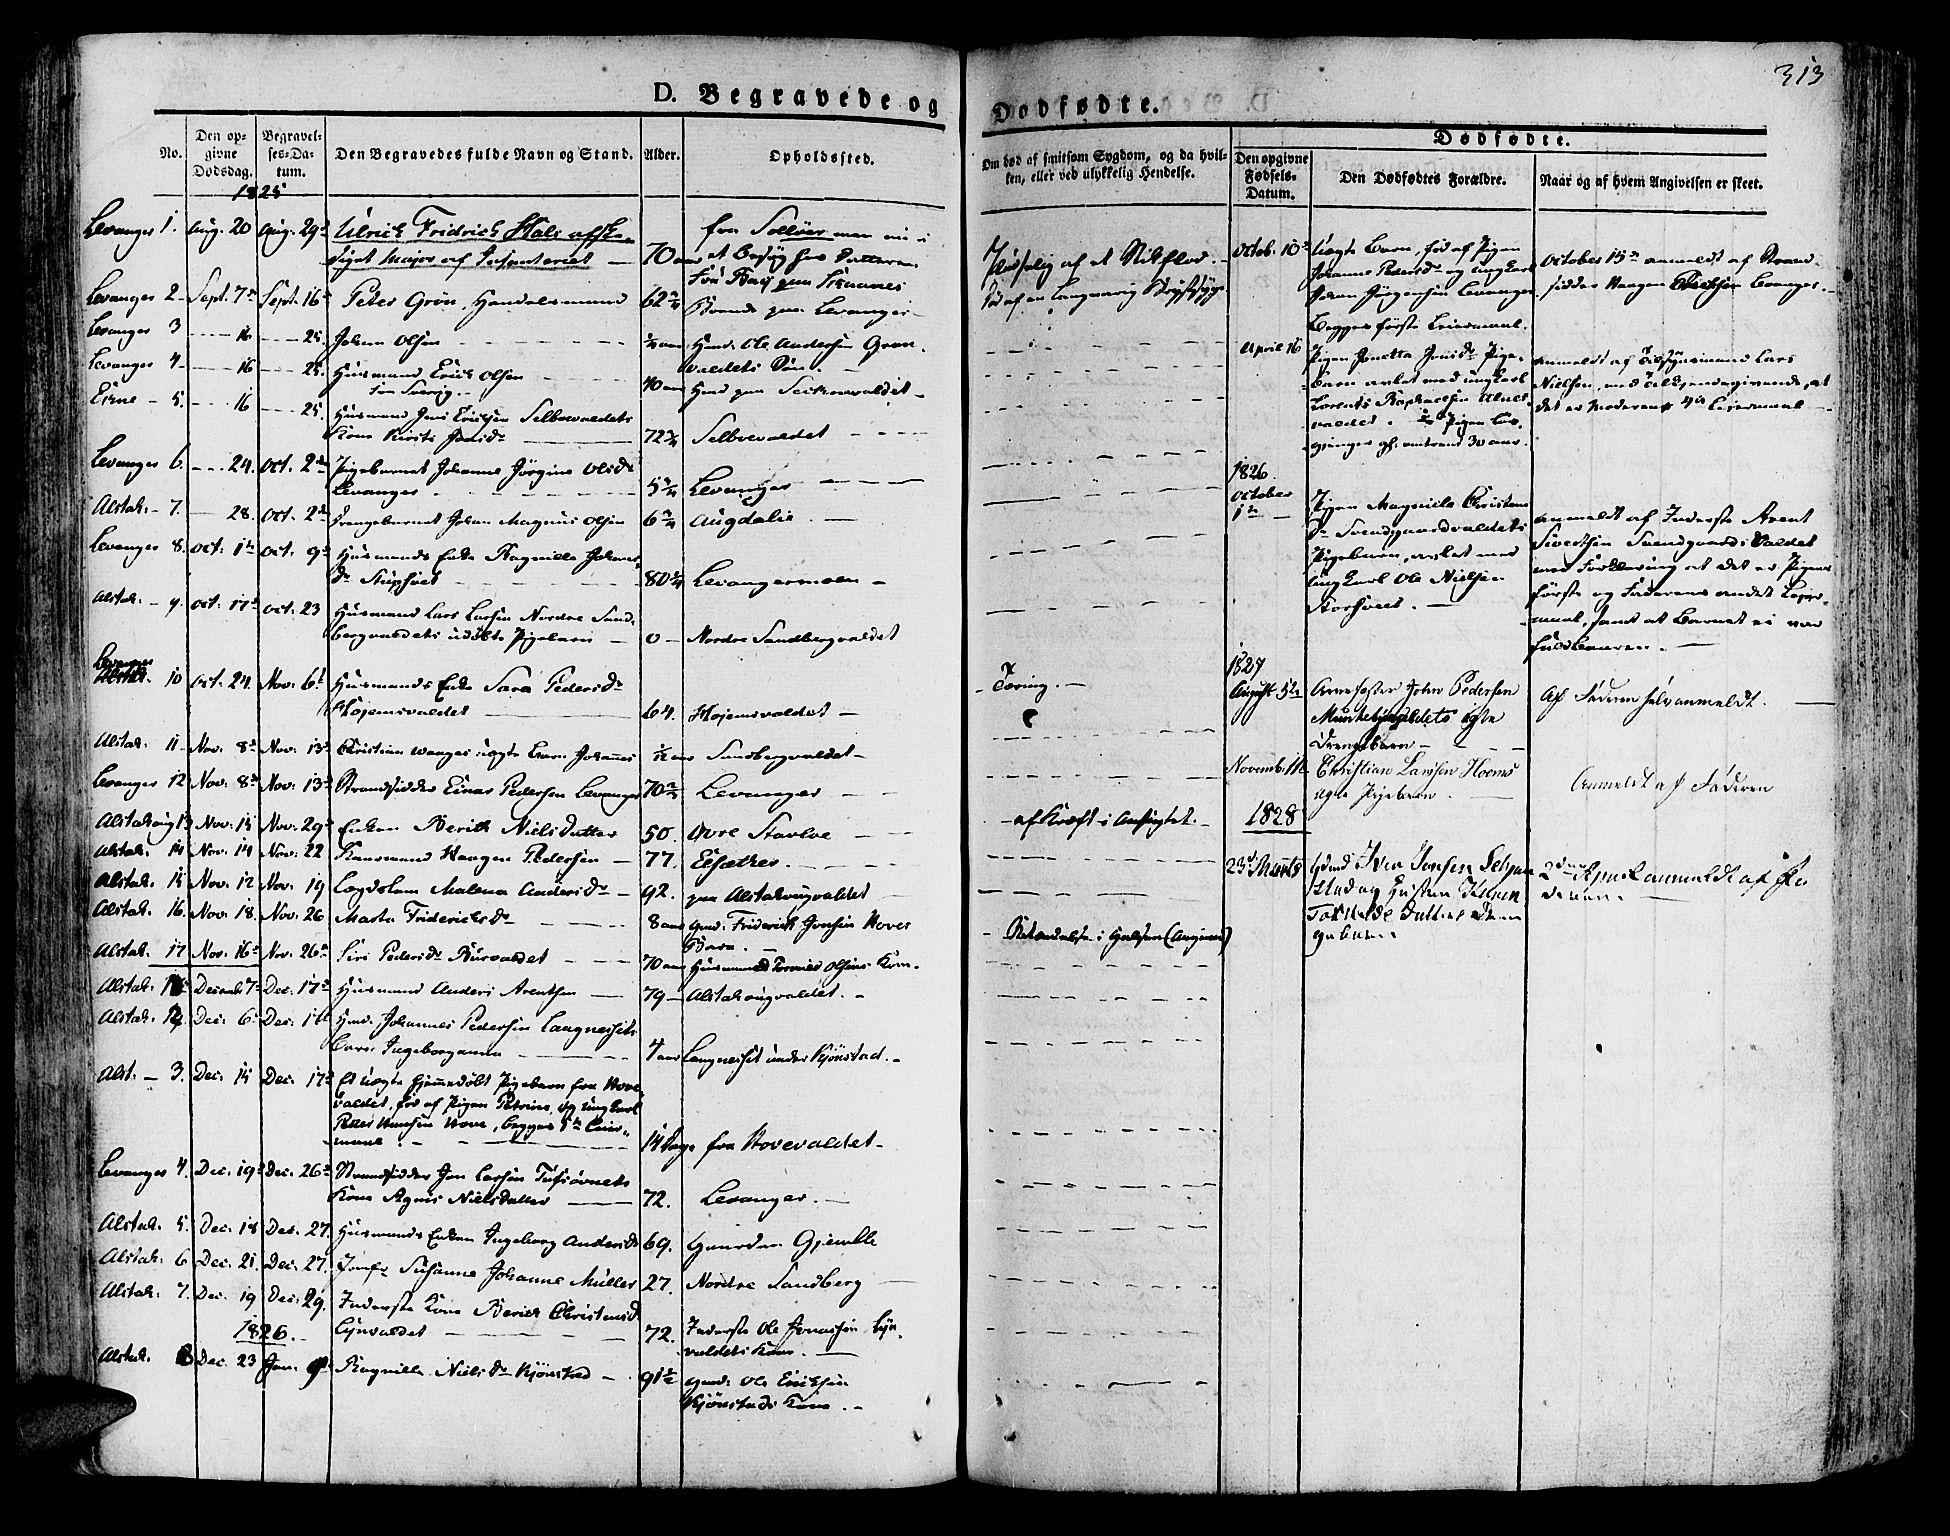 SAT, Ministerialprotokoller, klokkerbøker og fødselsregistre - Nord-Trøndelag, 717/L0152: Ministerialbok nr. 717A05 /1, 1825-1836, s. 313